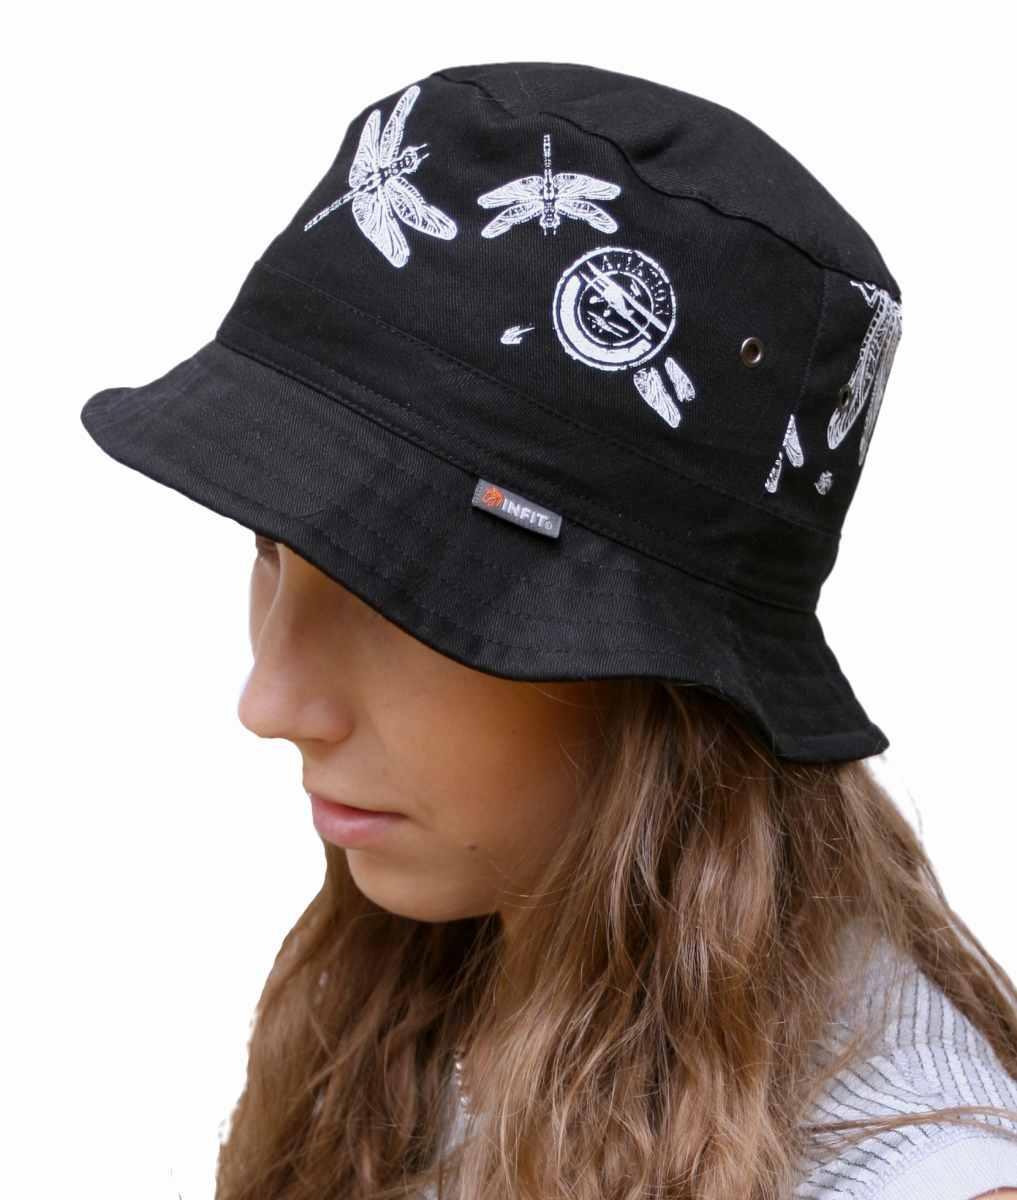 Daen letní klobouk černý vzor Vážka. Lehký letní klobouk z bavlněné tkaniny. b68693ae2a